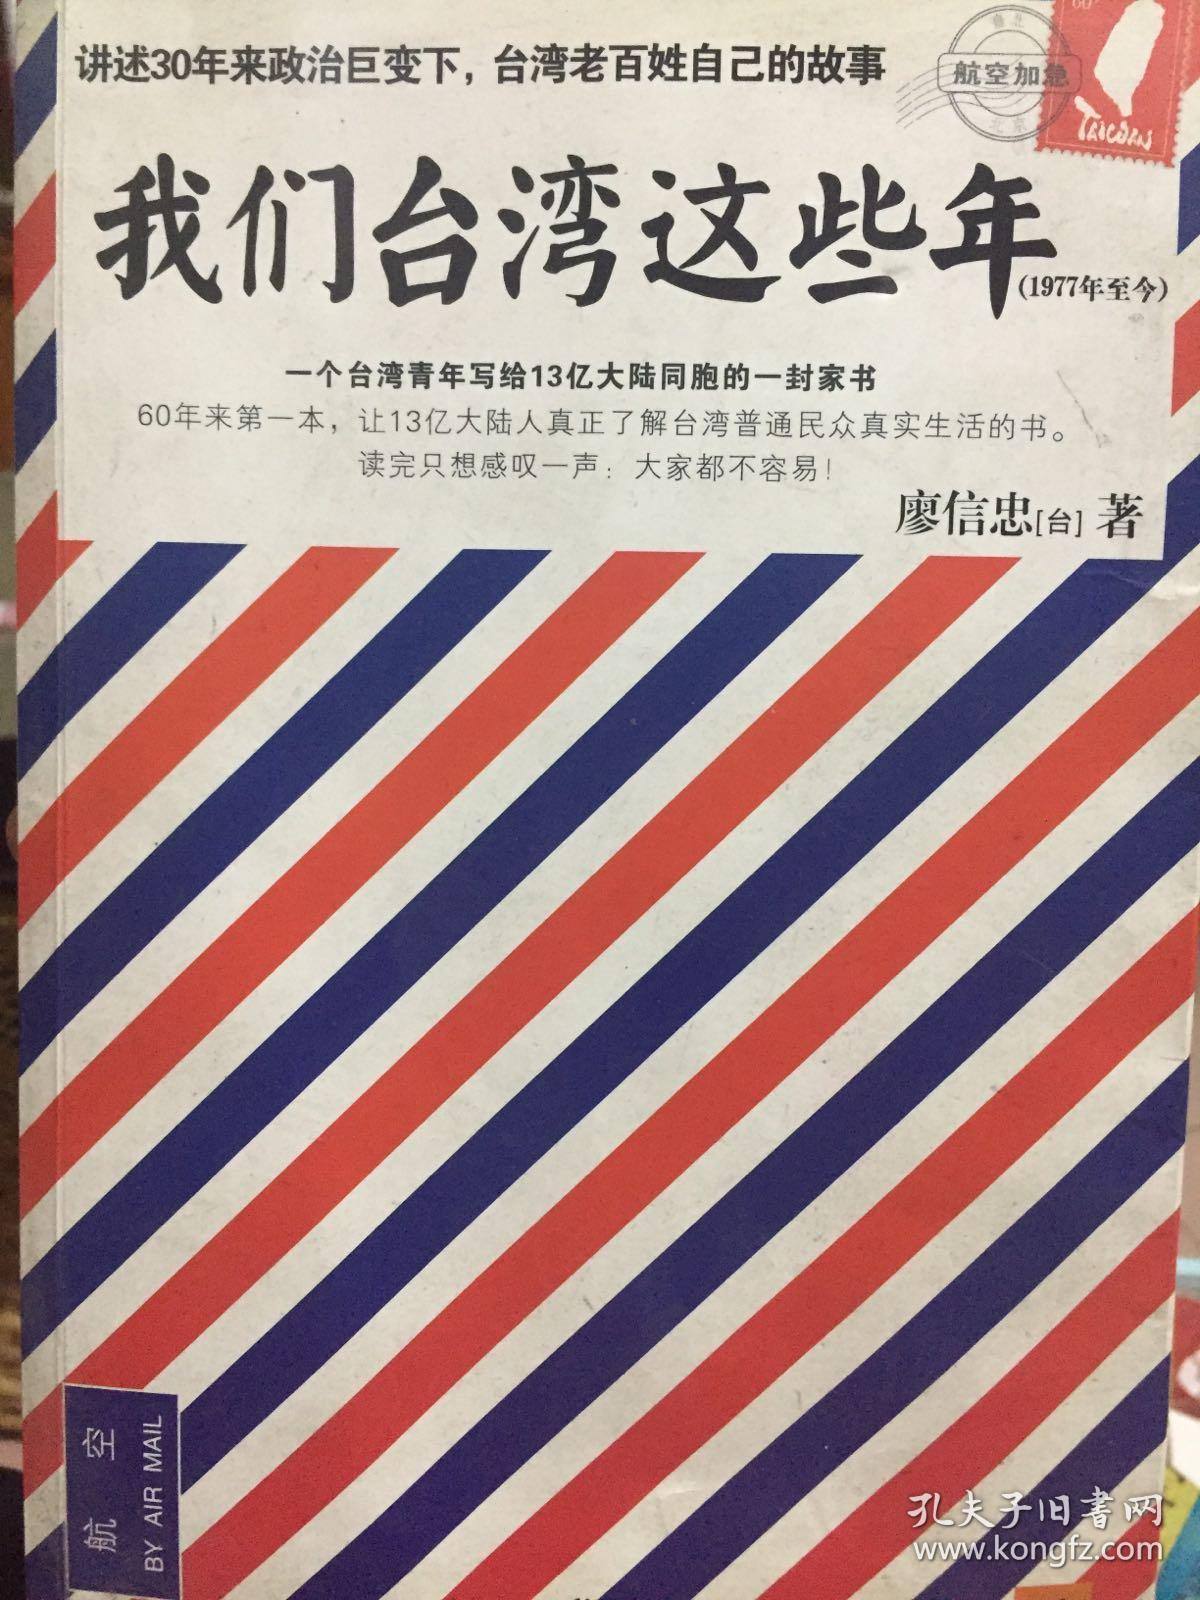 我们台湾这些年